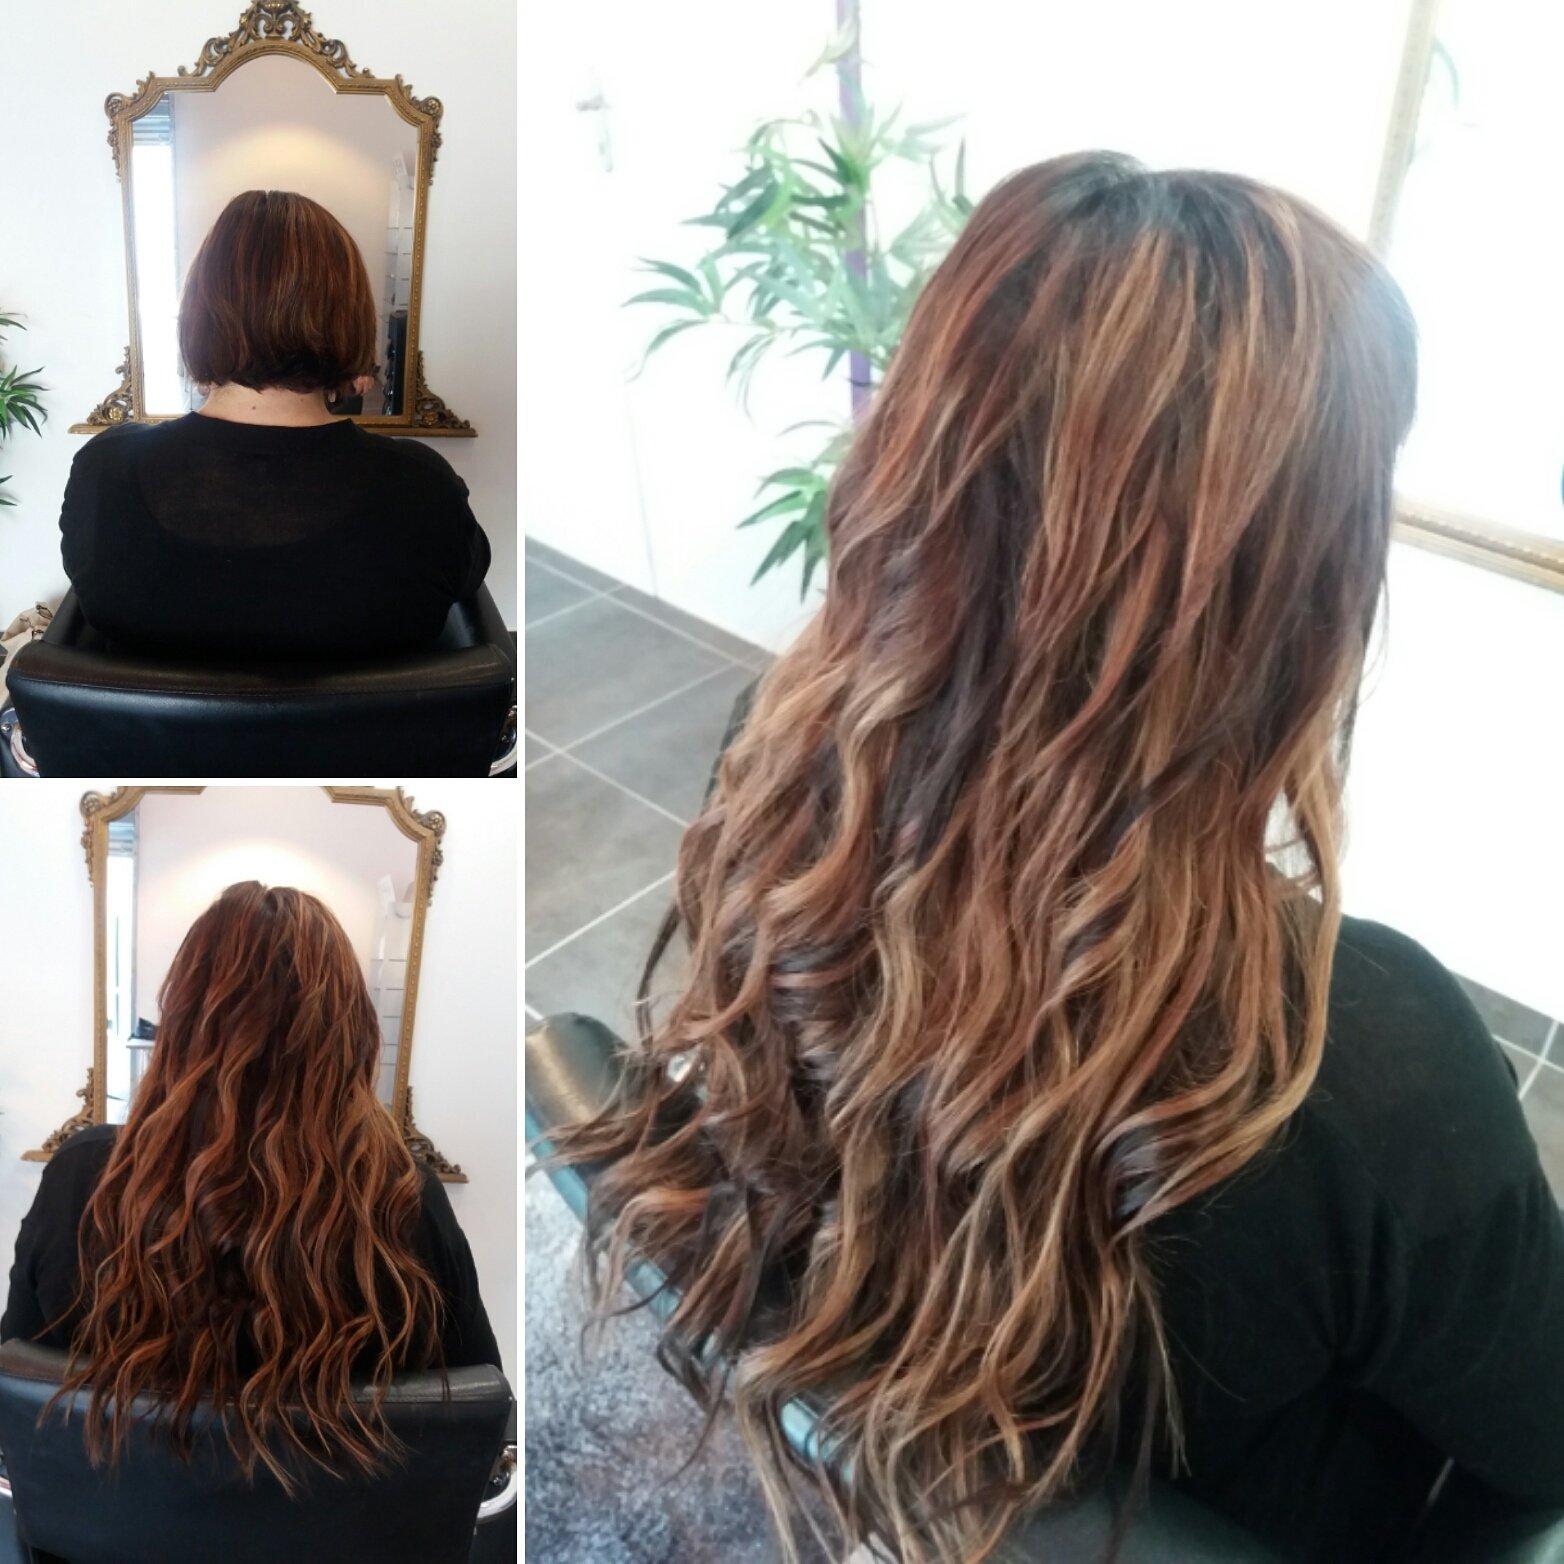 Extension sur cheveux courts, est ce possible?